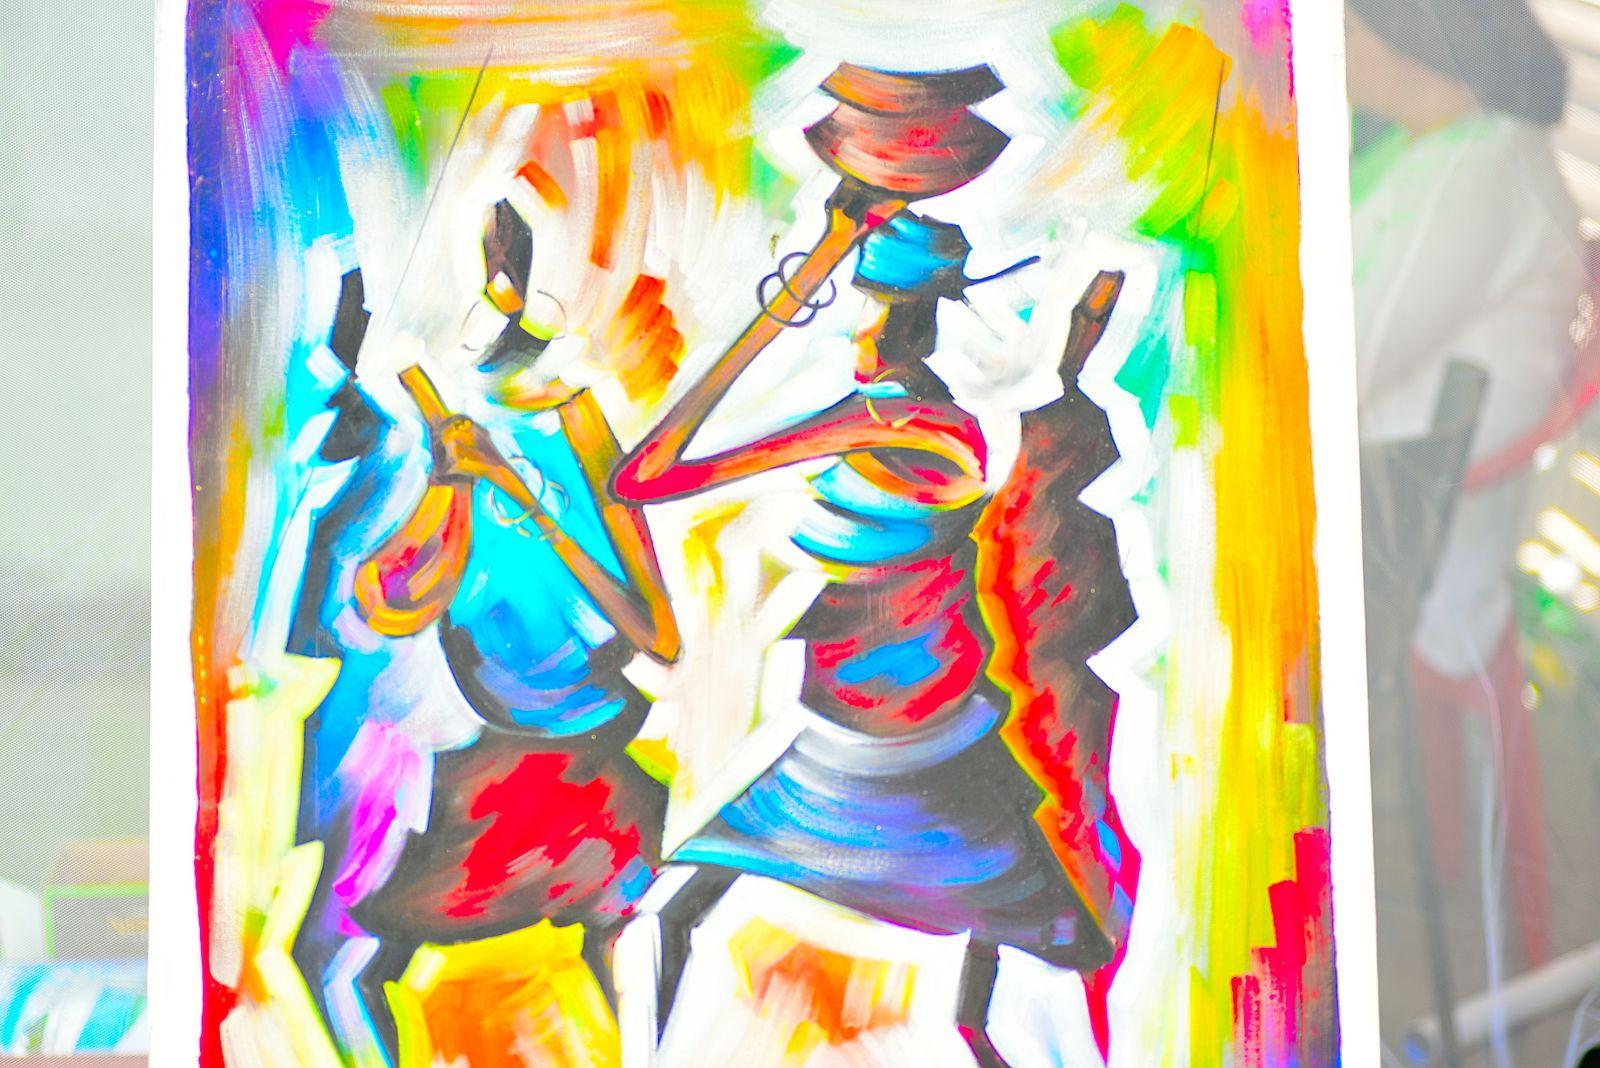 gallery_67445_400_1489292.jpg